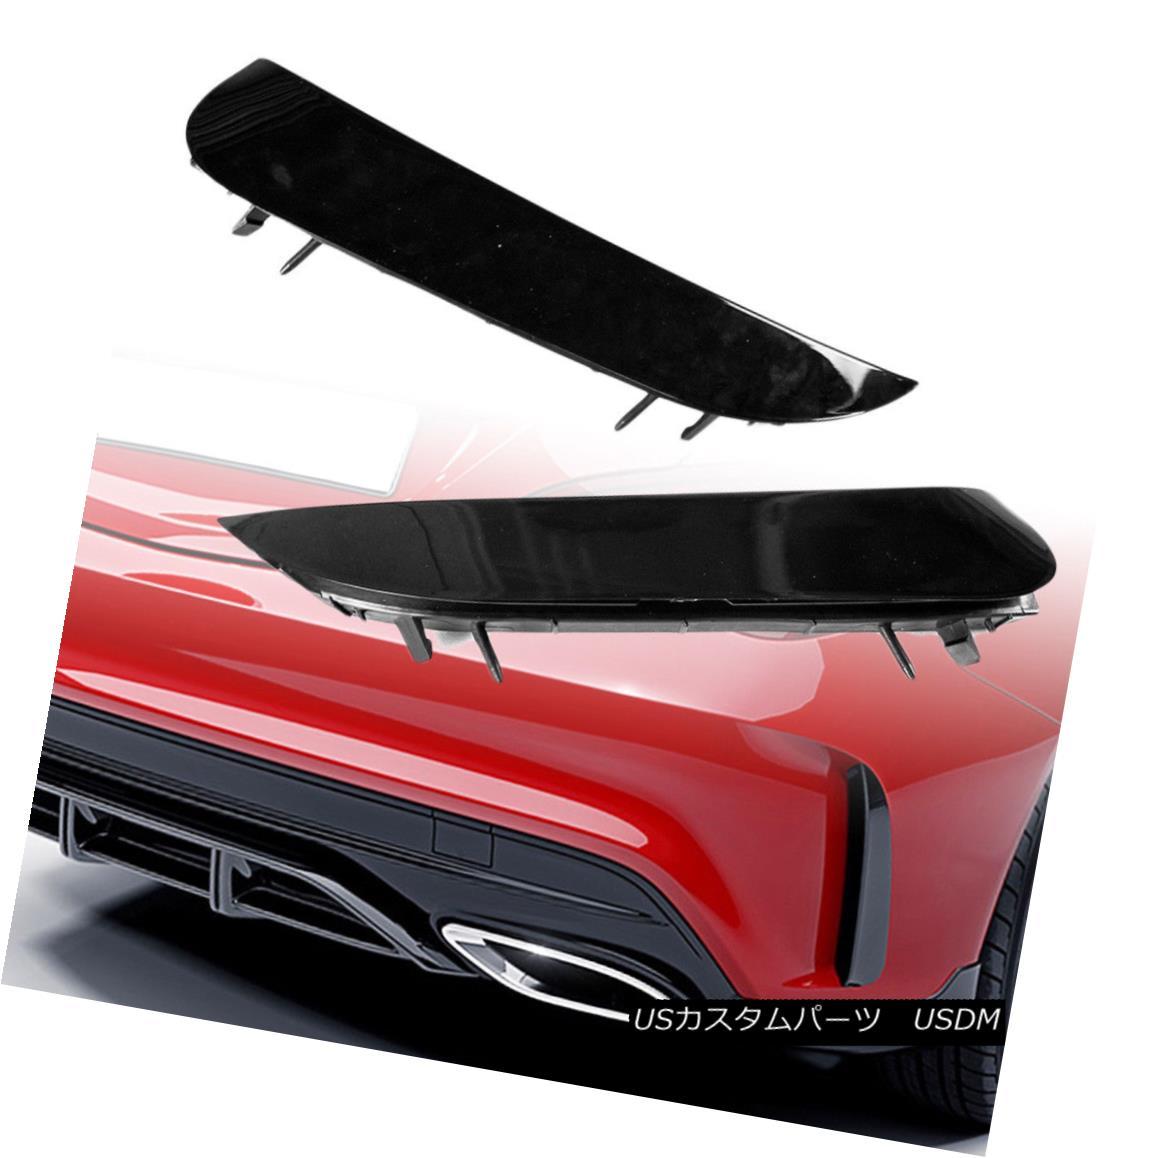 エアロパーツ Rear Vent Insert Cover Trim For Mercedes BENZ CLA-Class A45 AMG W117 C117 Black メルセデスベンツCLAクラスA45 AMG W117 C117ブラックのリアベントインサートカバートリム